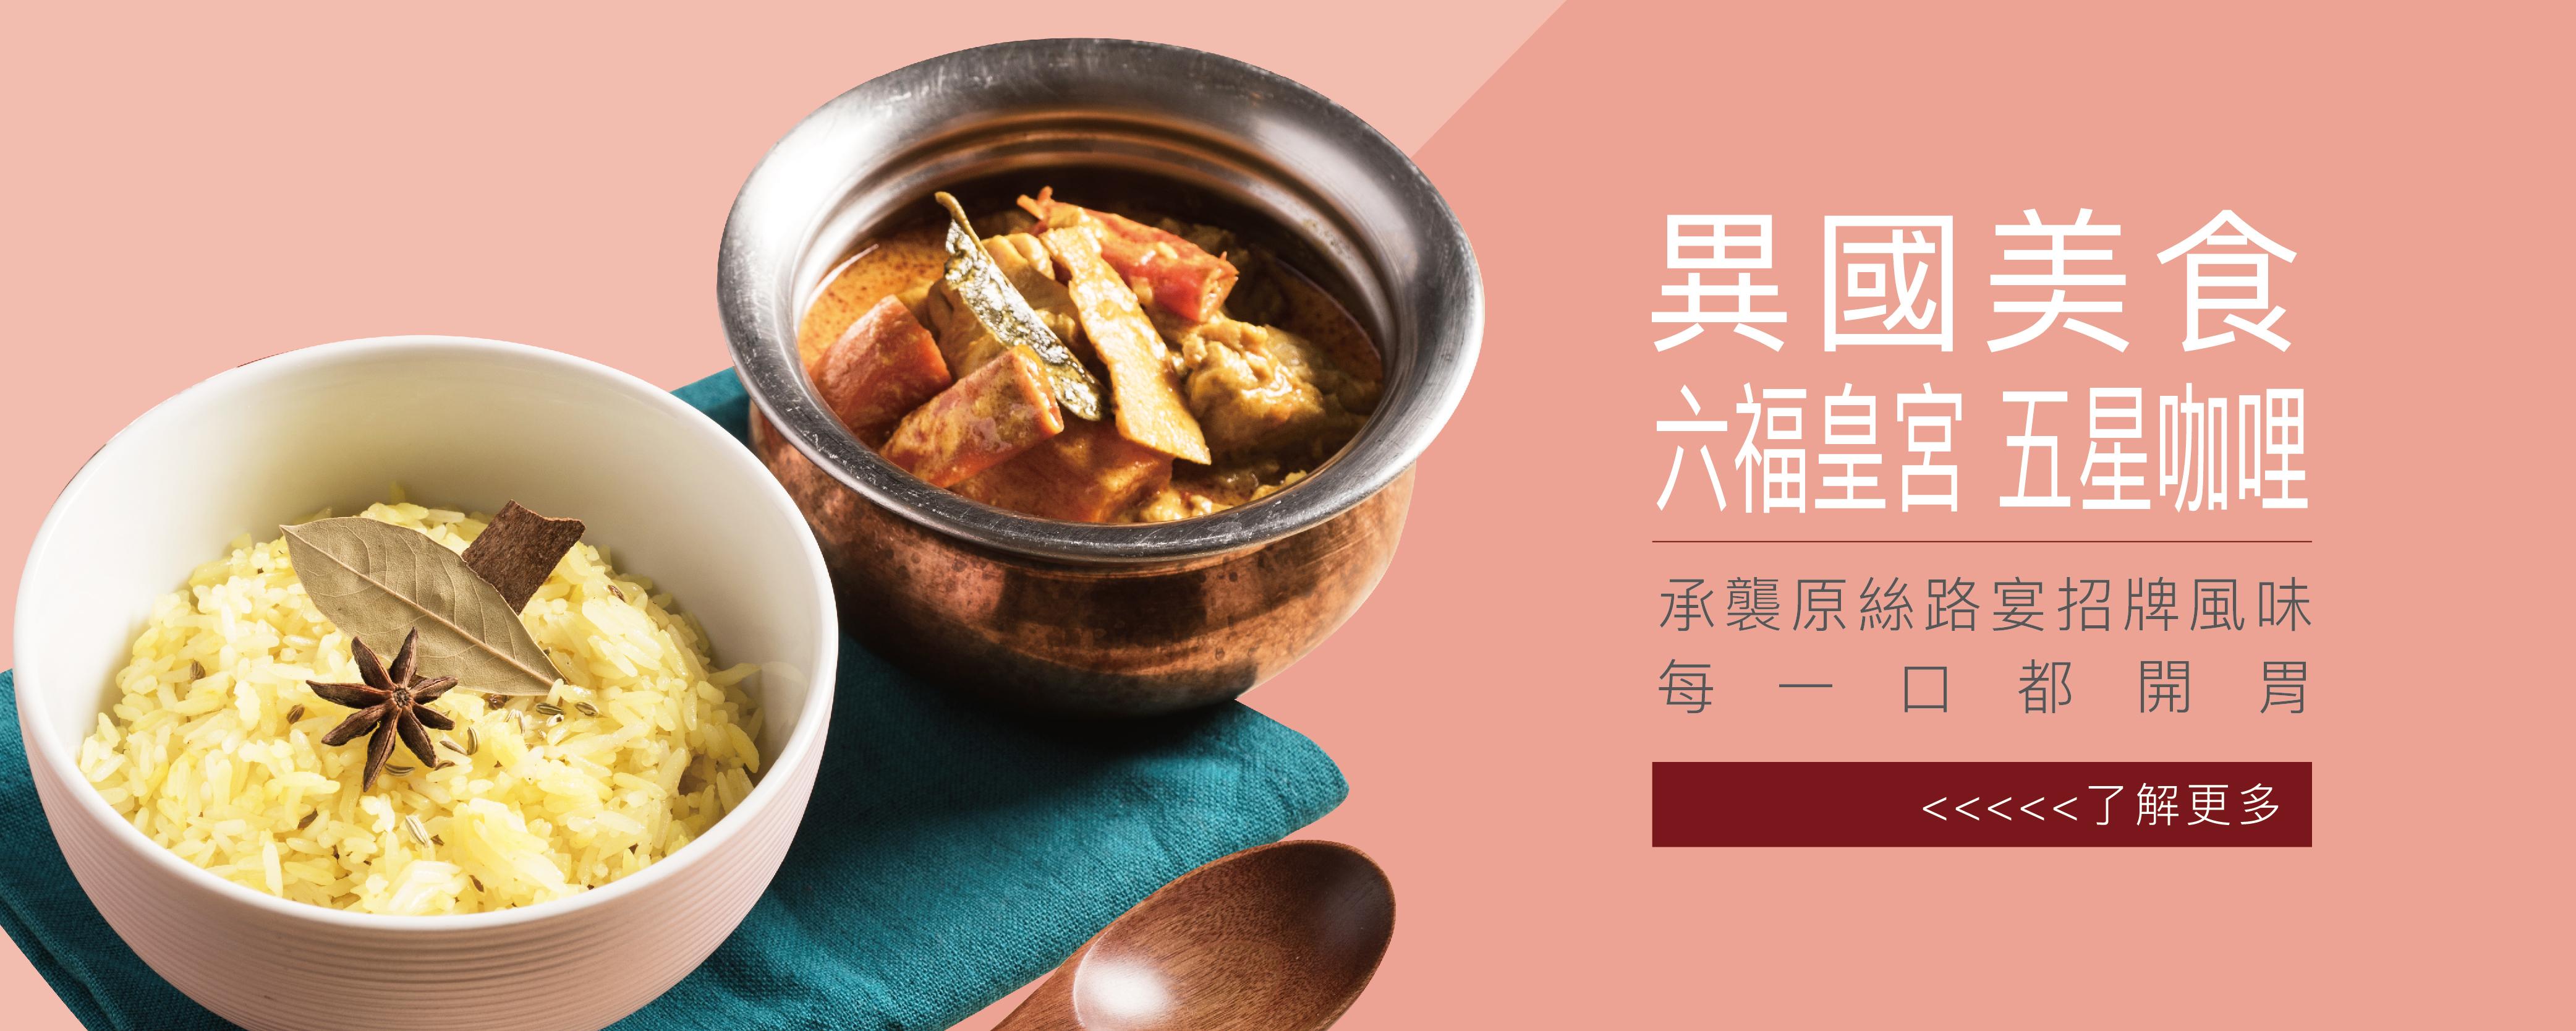 原六福皇宮絲路宴異國咖哩可宅配到府 咖哩牛/咖哩雞 開胃下飯最佳選擇